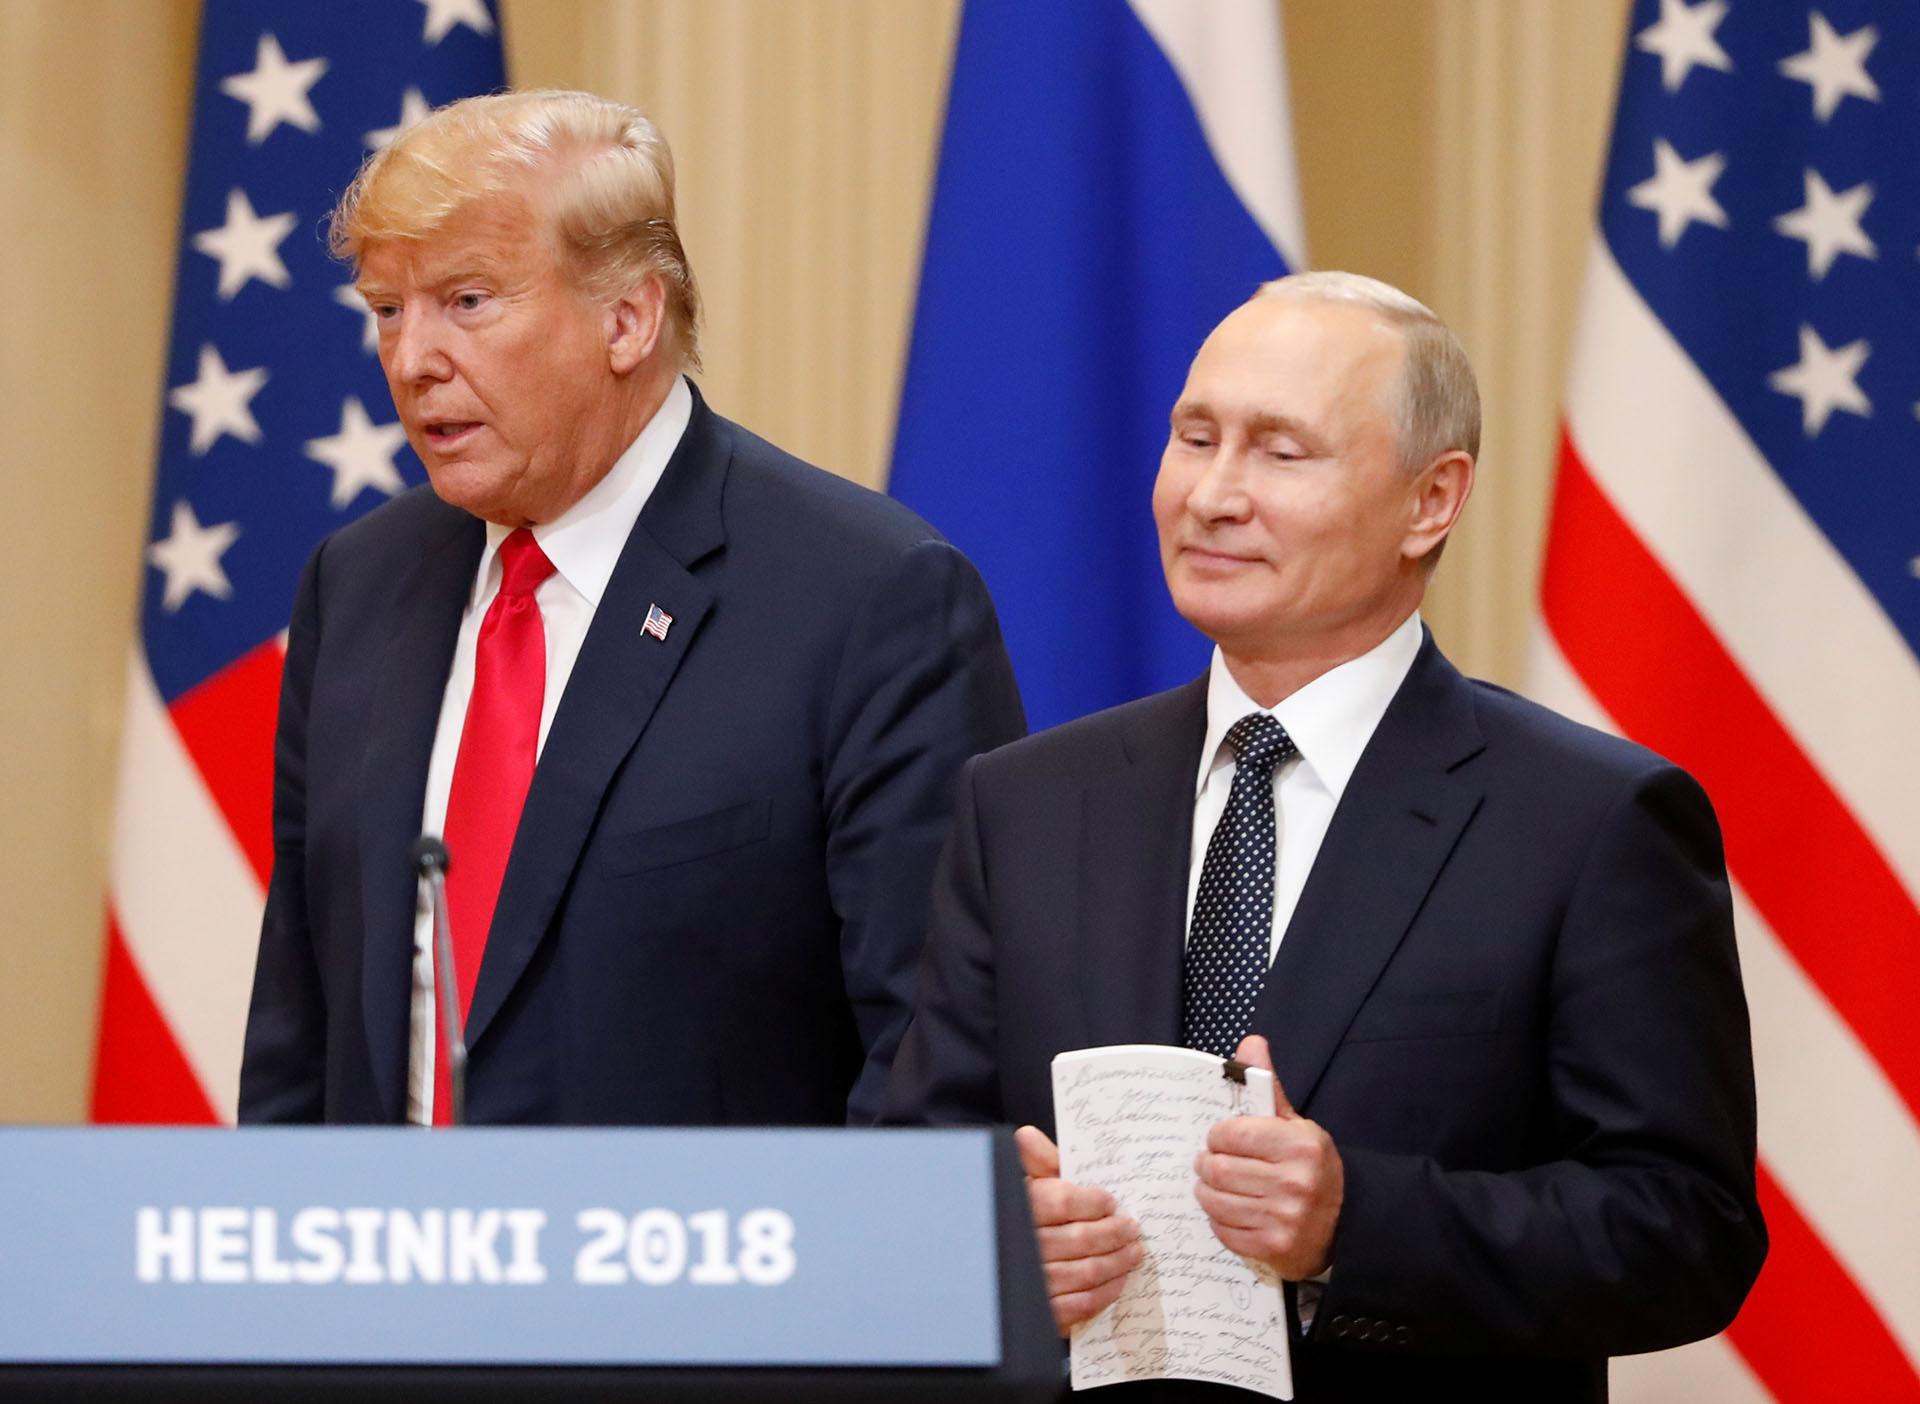 Trump aplicó esta medida tras la interferencia rusa en las elecciones presidenciales de 2016(REUTERS/Grigory Dukor)